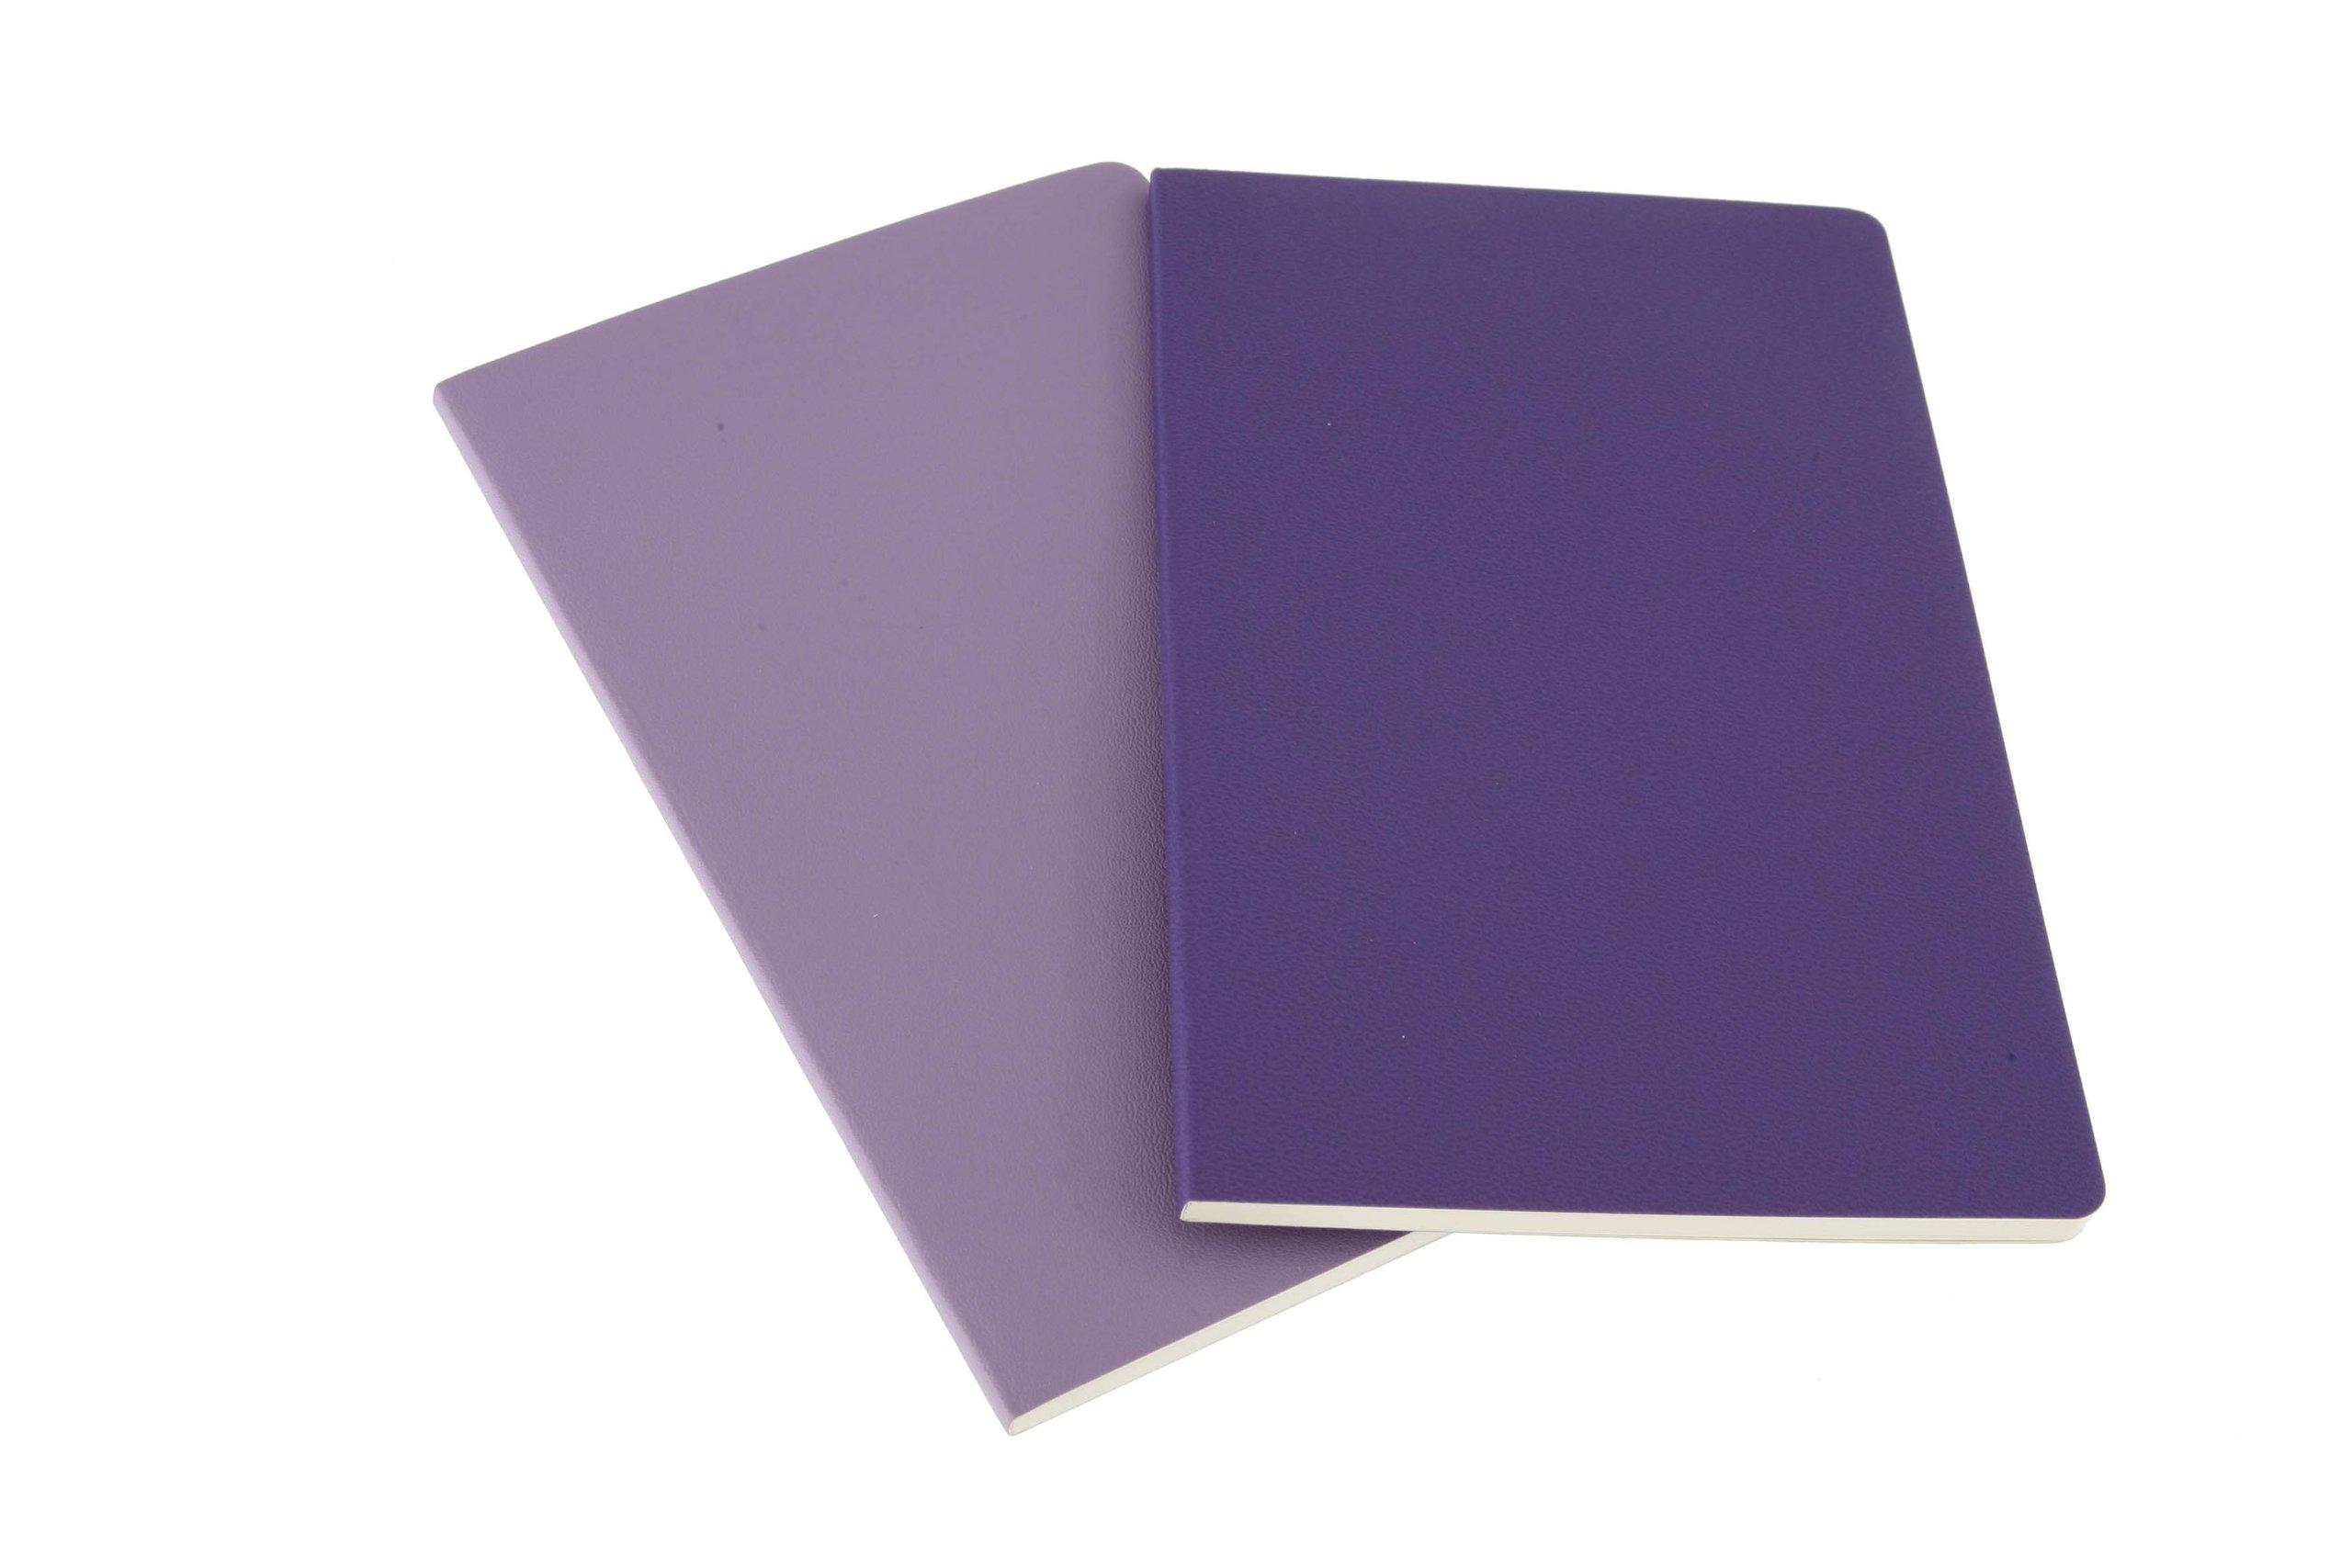 Moleskine Volant Notebook (Set of 2), Large, Ruled, Light Violet, Brilliant Violet, Soft Cover (5 x 8.25)